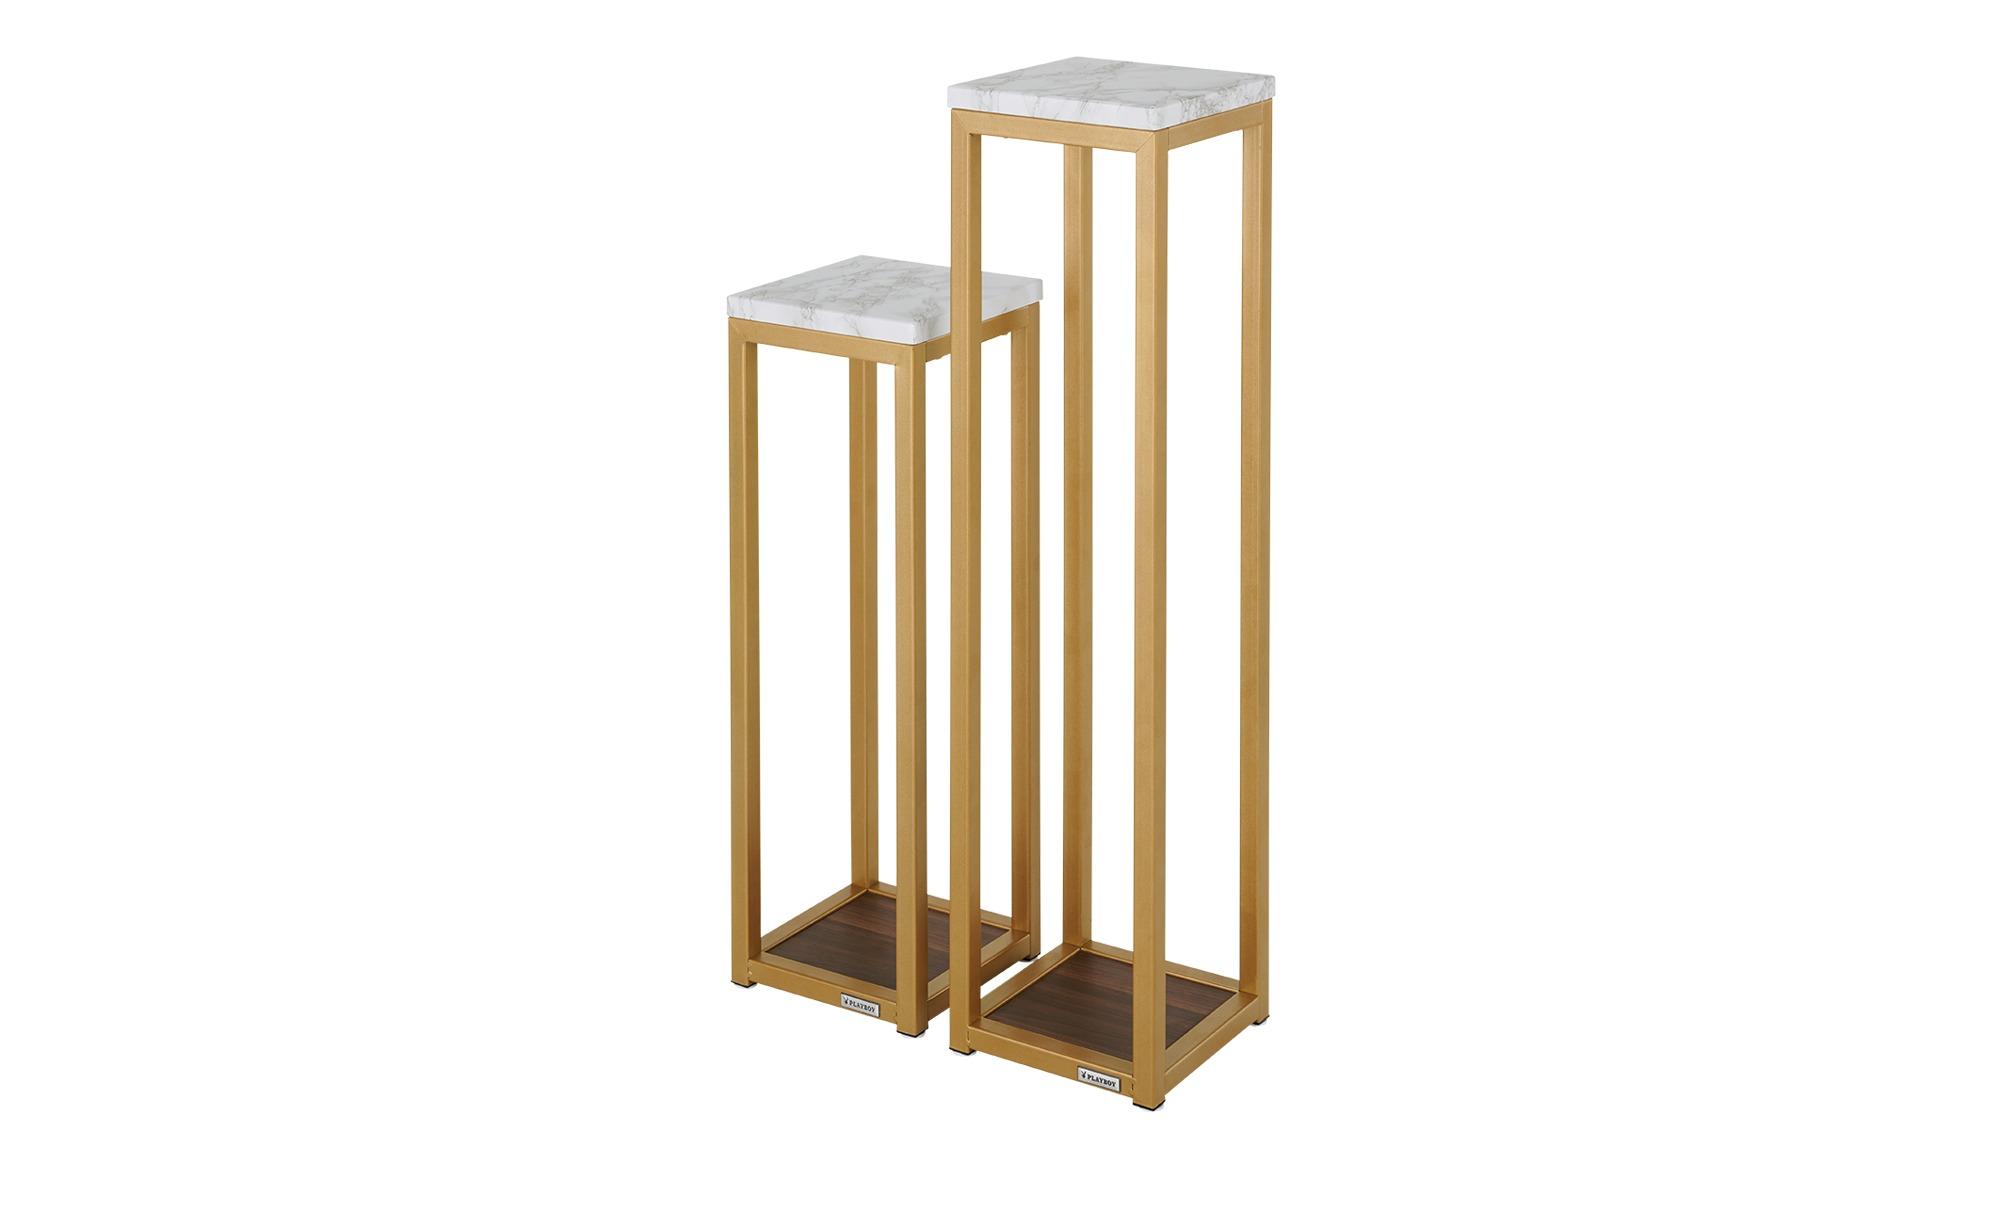 Playboy Blumenständer, 2er-Set  Mora - gold - 20 cm - 80 cm - 20 cm - Tische > Beistelltische - Möbel Kraft | Dekoration > Dekopflanzen | Playboy